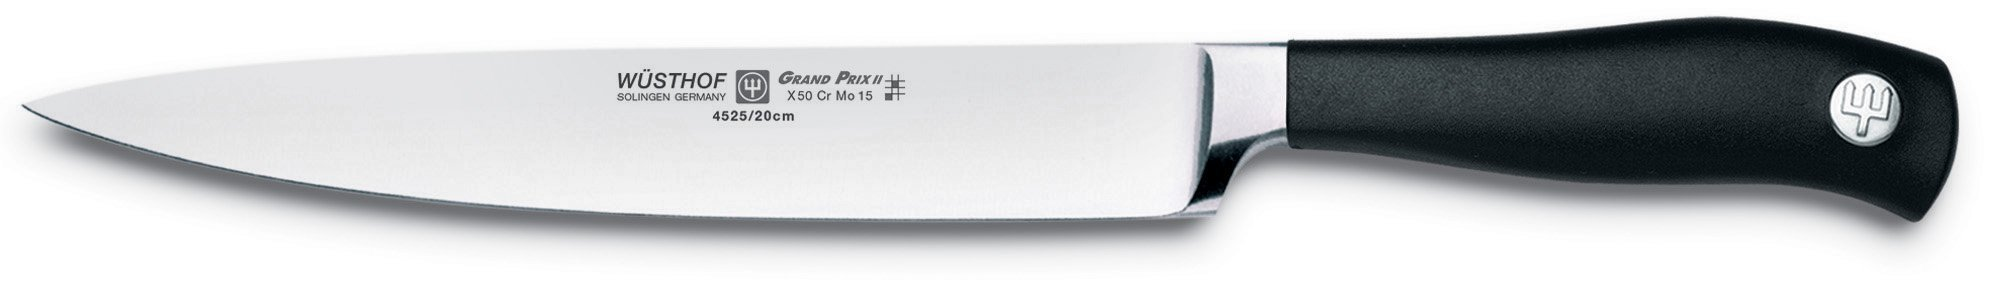 Wusthof Grand Prix II 8-Inch Carving Knife